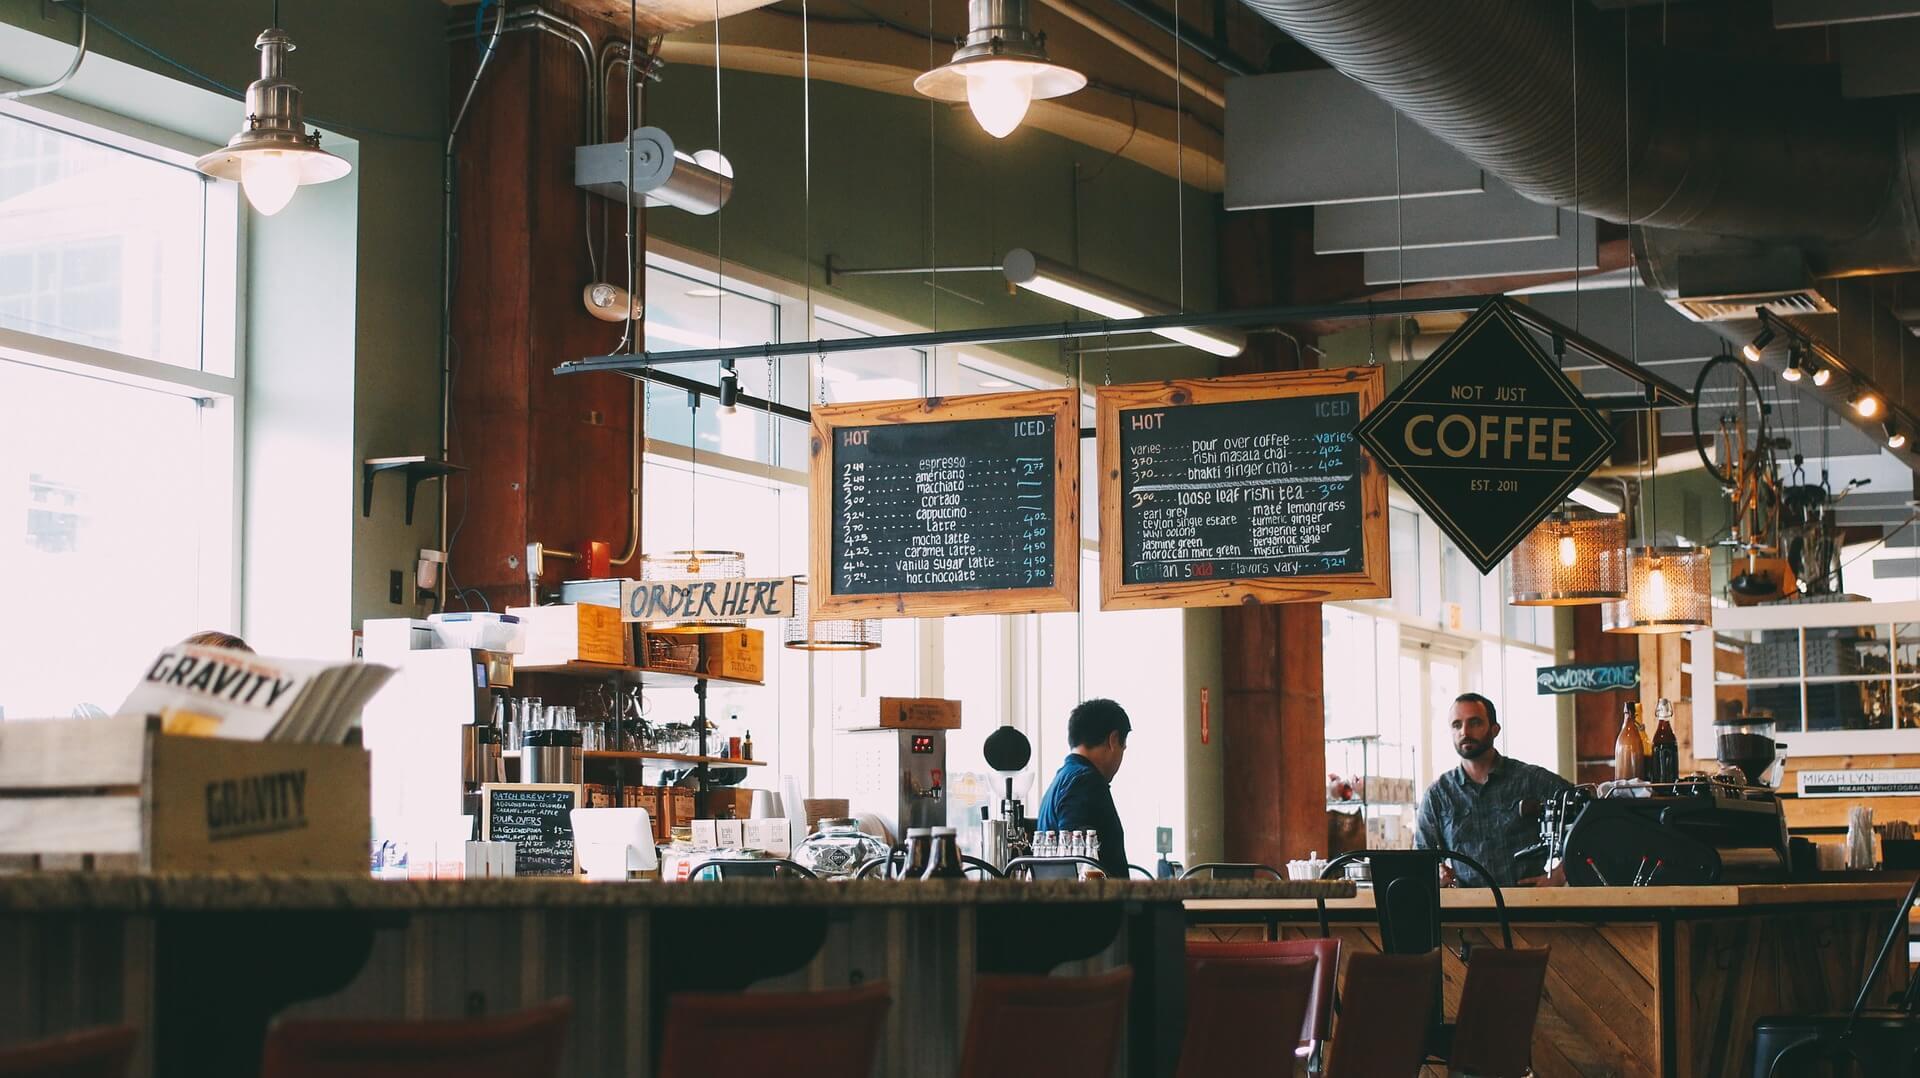 Volantini pubblicitari ristorante – Perché farli?